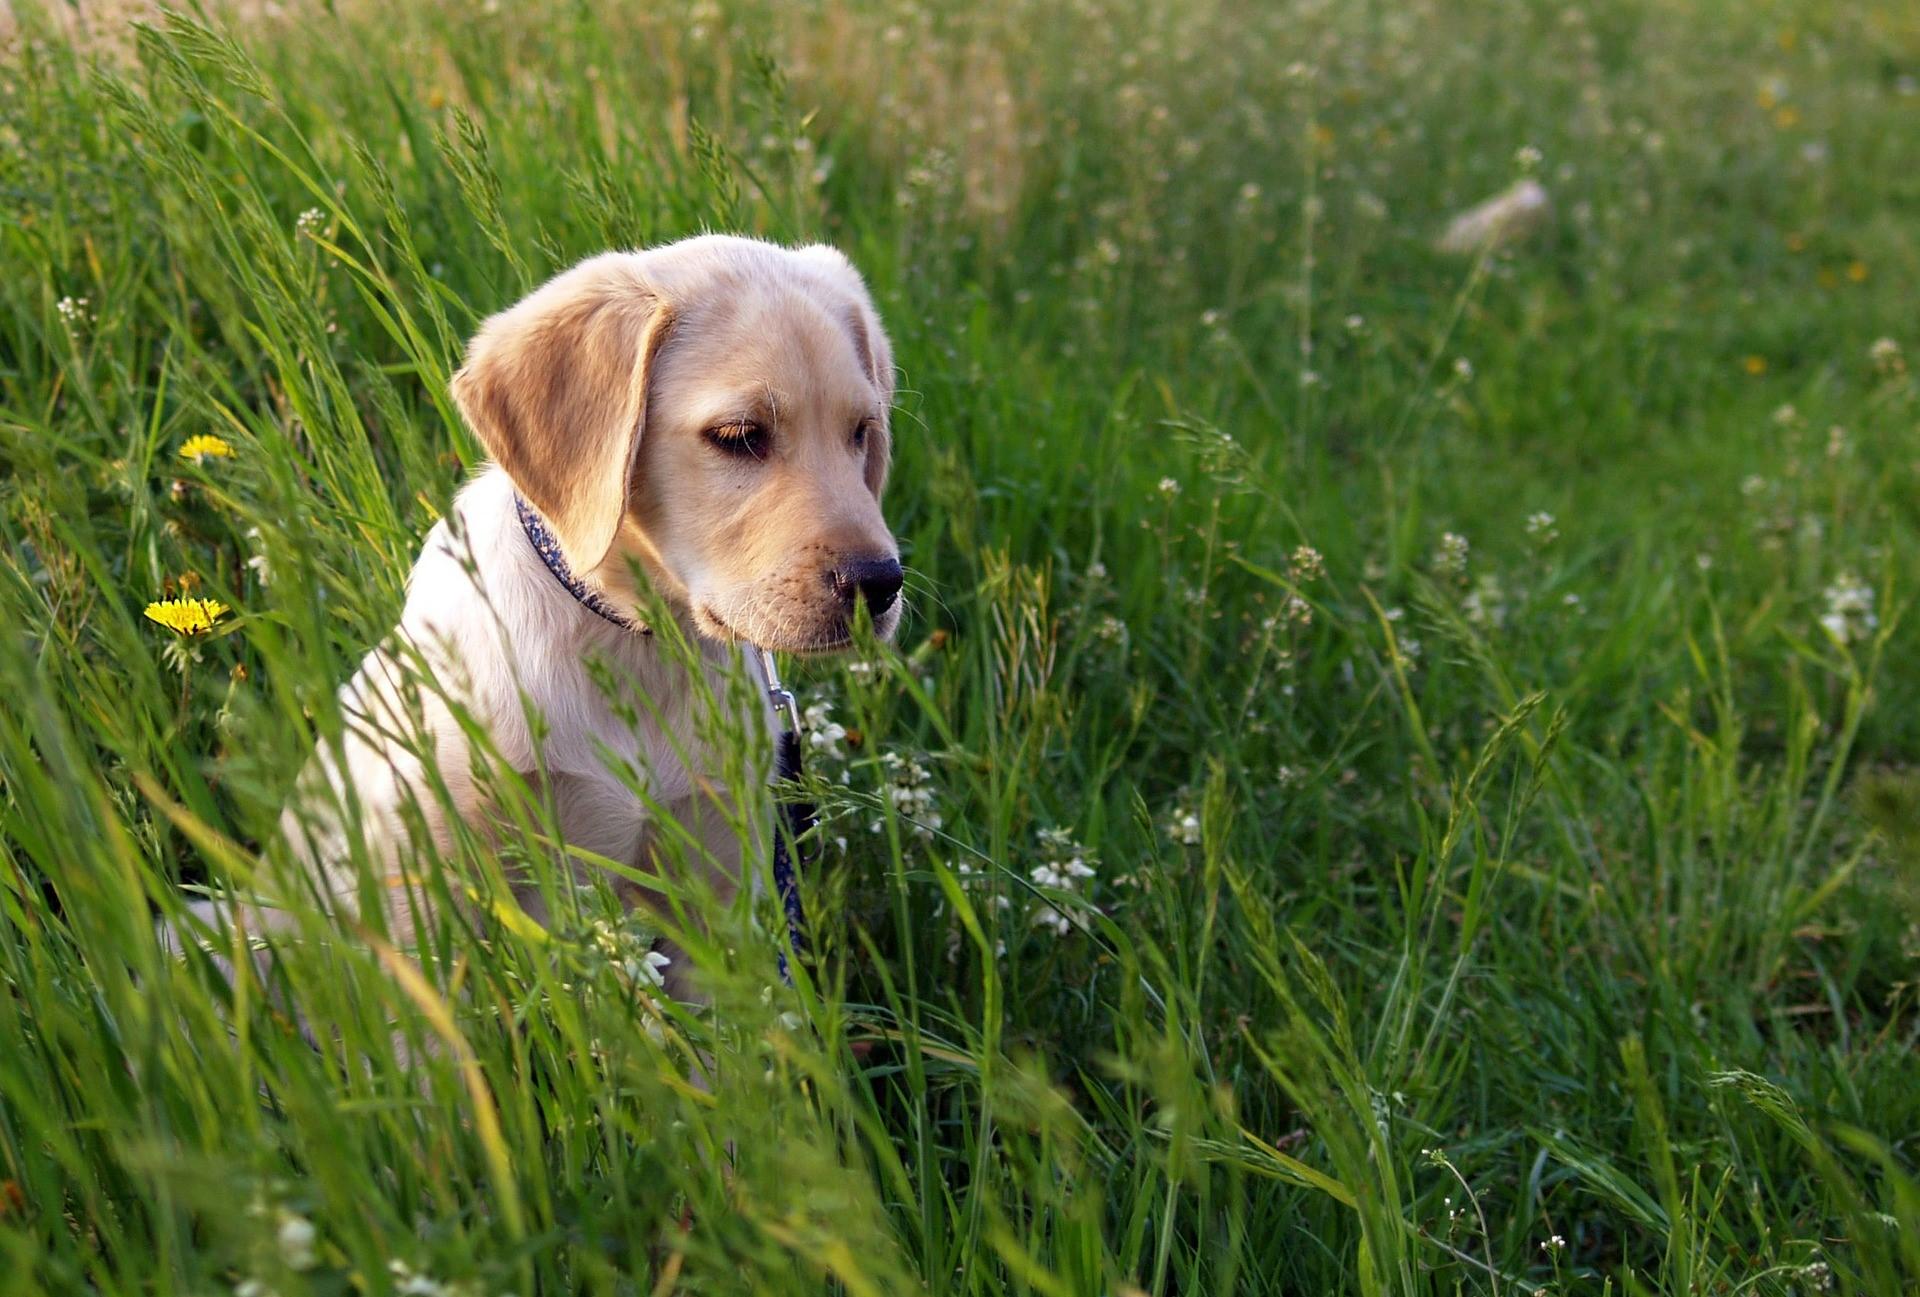 Zeckenbiss bei Hunden: Hilfe, mein Hund hat eine Zecke!